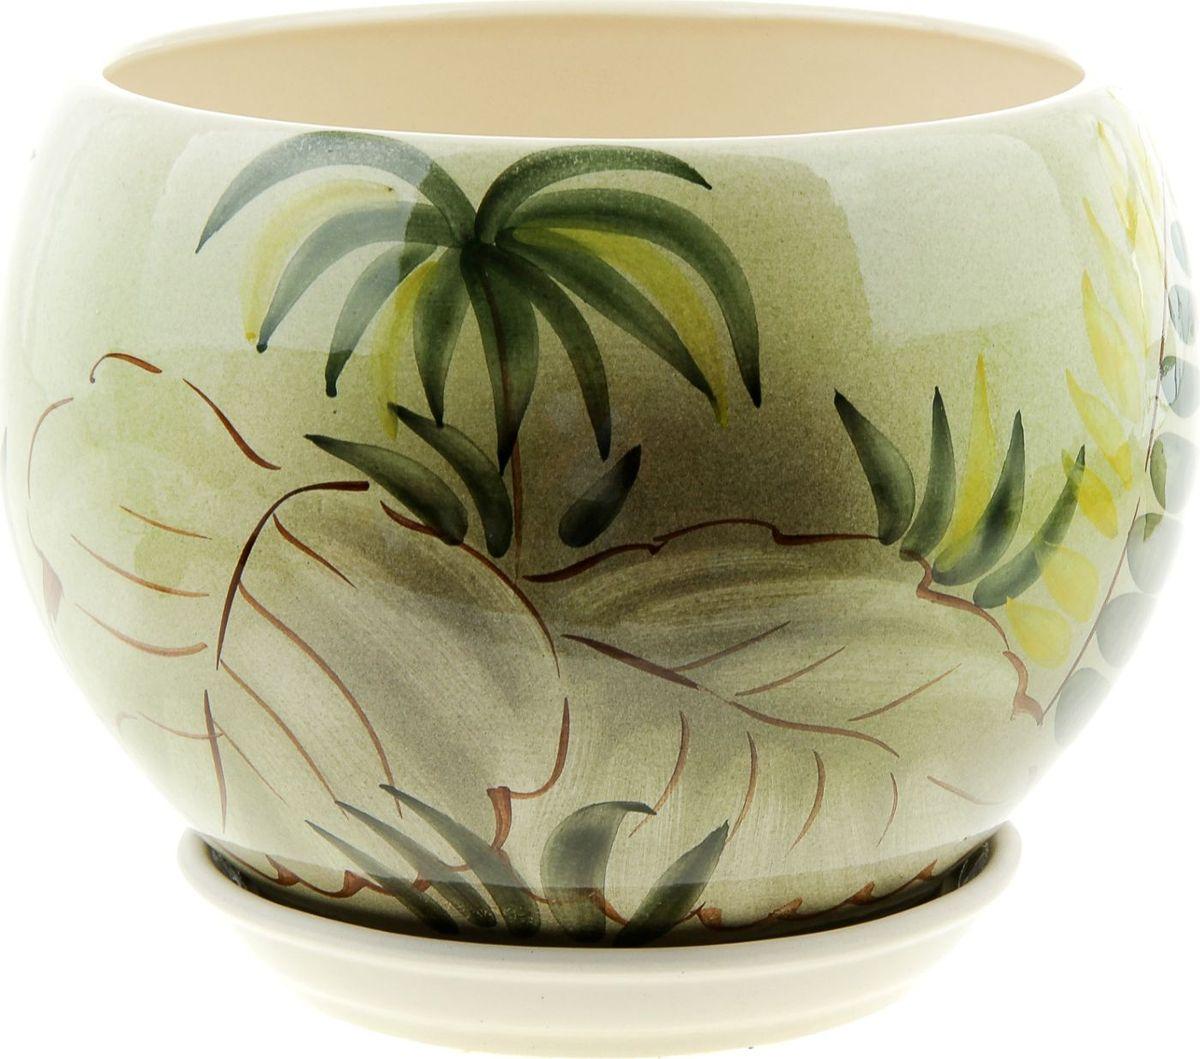 Кашпо Керамика ручной работы Шар. Баунти, 4,1 л835645Комнатные растения - всеобщие любимцы. Они радуют глаз, насыщают помещение кислородом и украшают пространство. Каждому из них необходим свой удобный и красивый дом. Кашпо из керамики прекрасно подходят для высадки растений:- пористый материал позволяет испаряться лишней влаге;- воздух, необходимый для дыхания корней, проникает сквозь керамические стенки. Кашпо Шар. Баунти позаботится о зеленом питомце, освежит интерьер и подчеркнет его стиль.